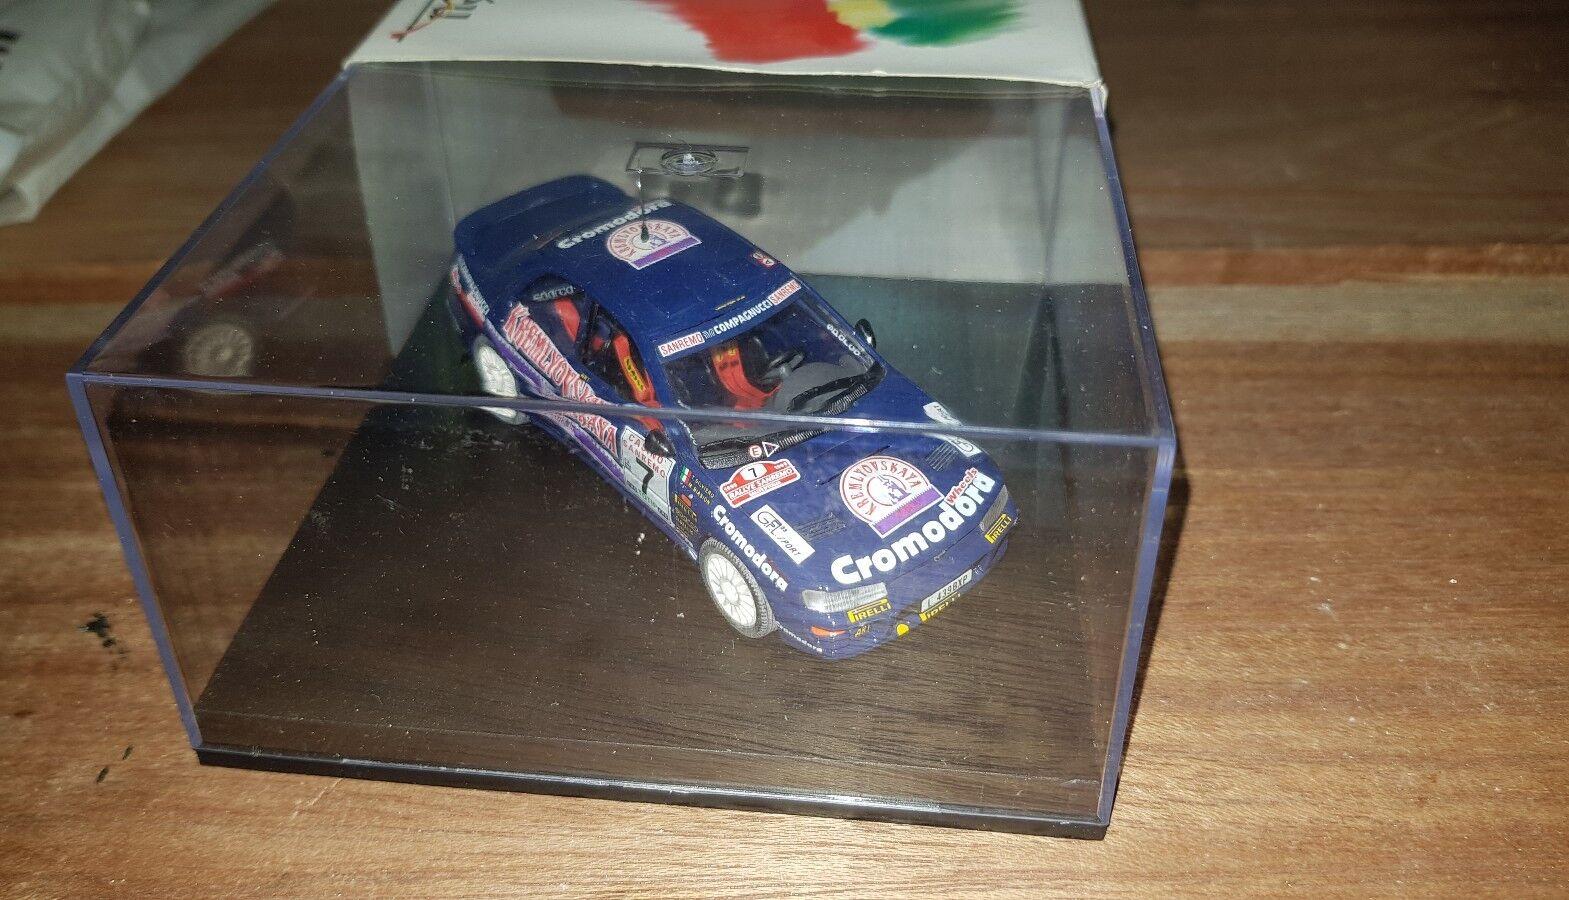 Trofeu 1 43 Subaru impreza 615